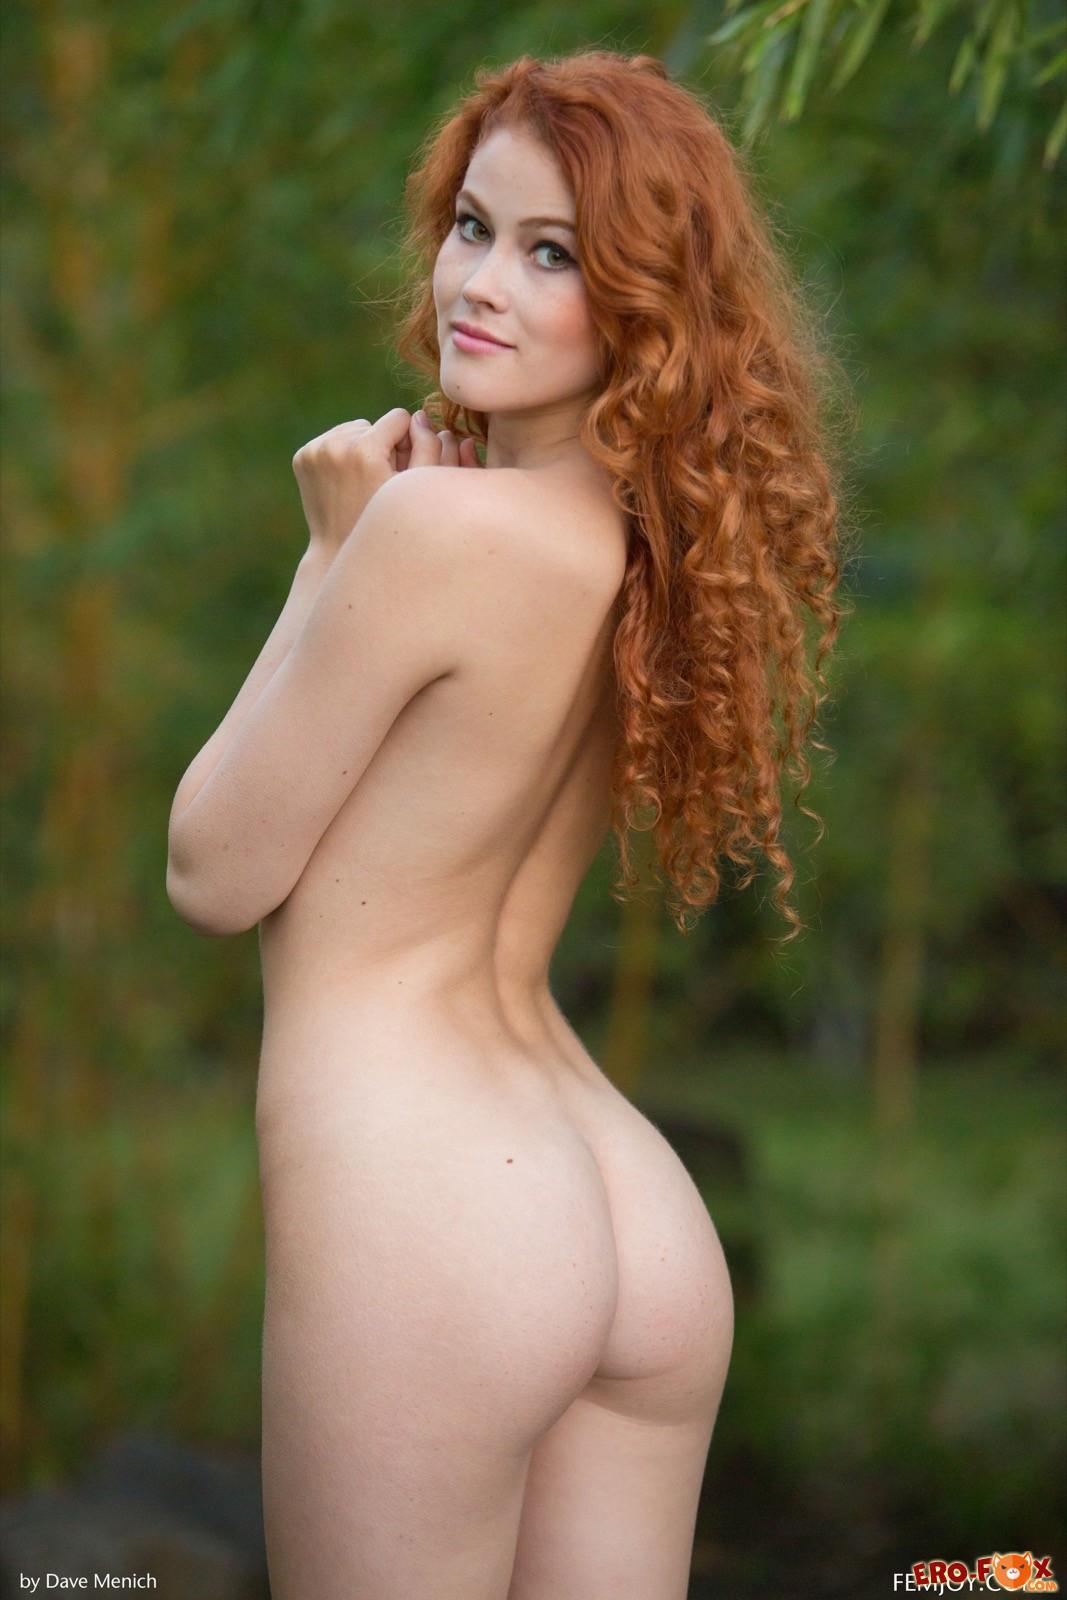 Рыженькая красотка оголила письку и грудь на природе